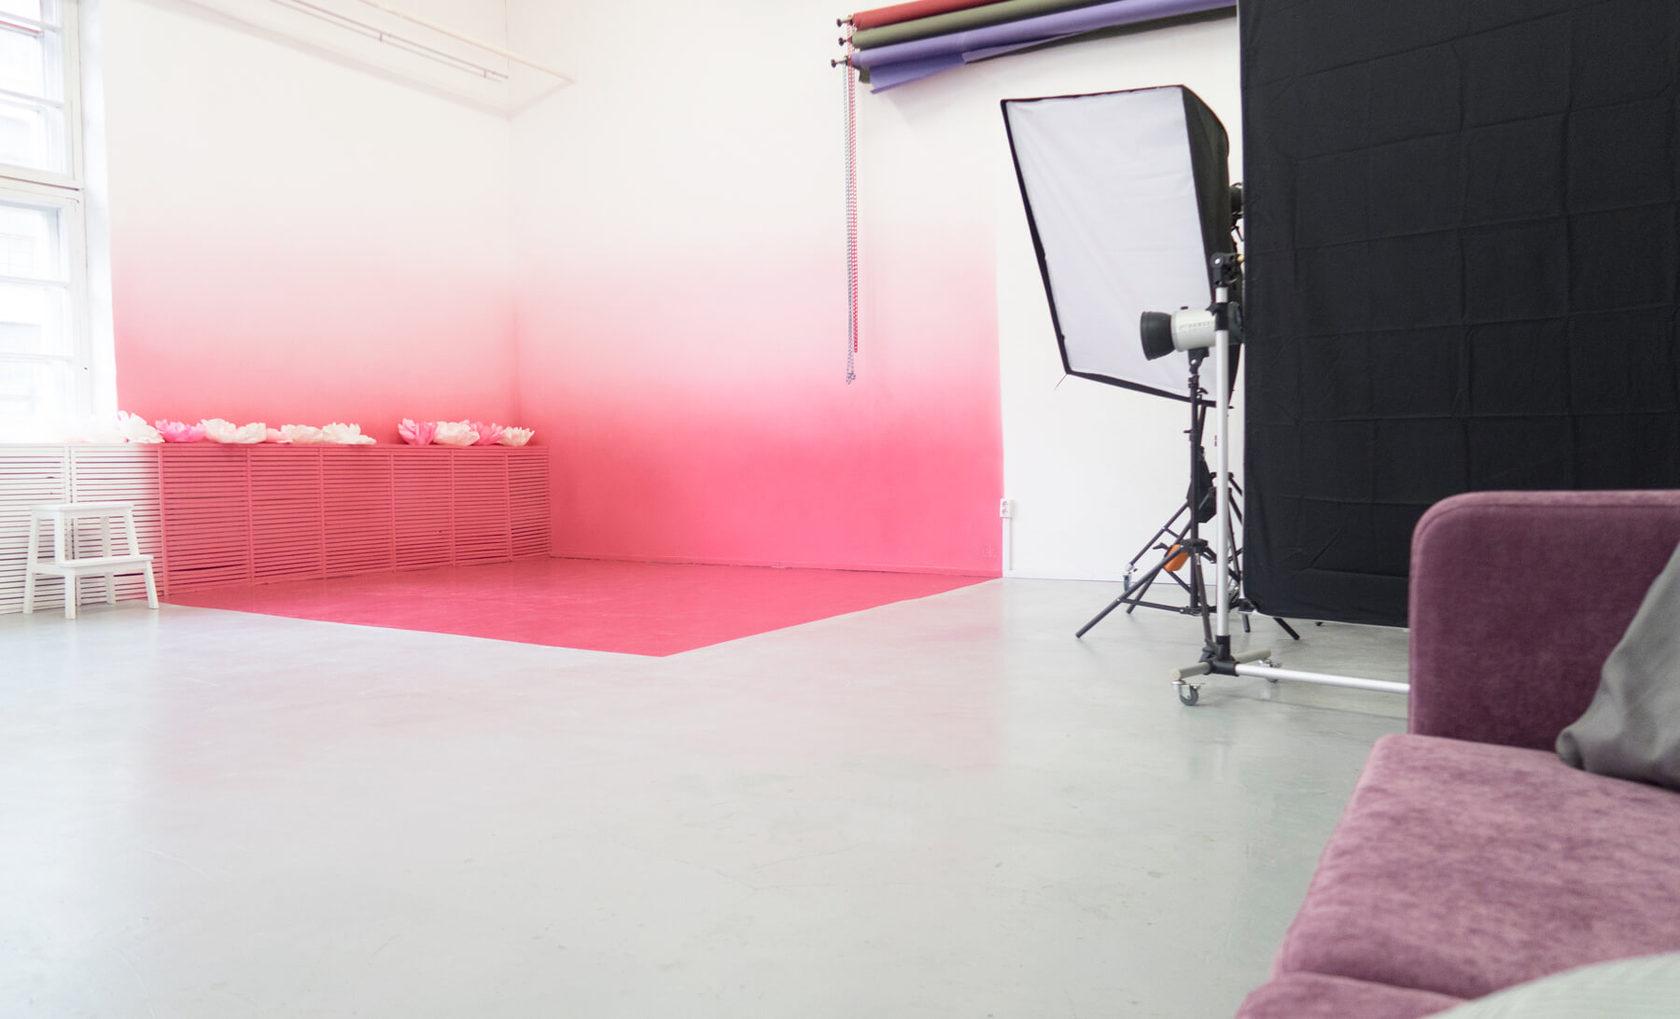 каким цветом должны быть стены в фотосалоне ночи